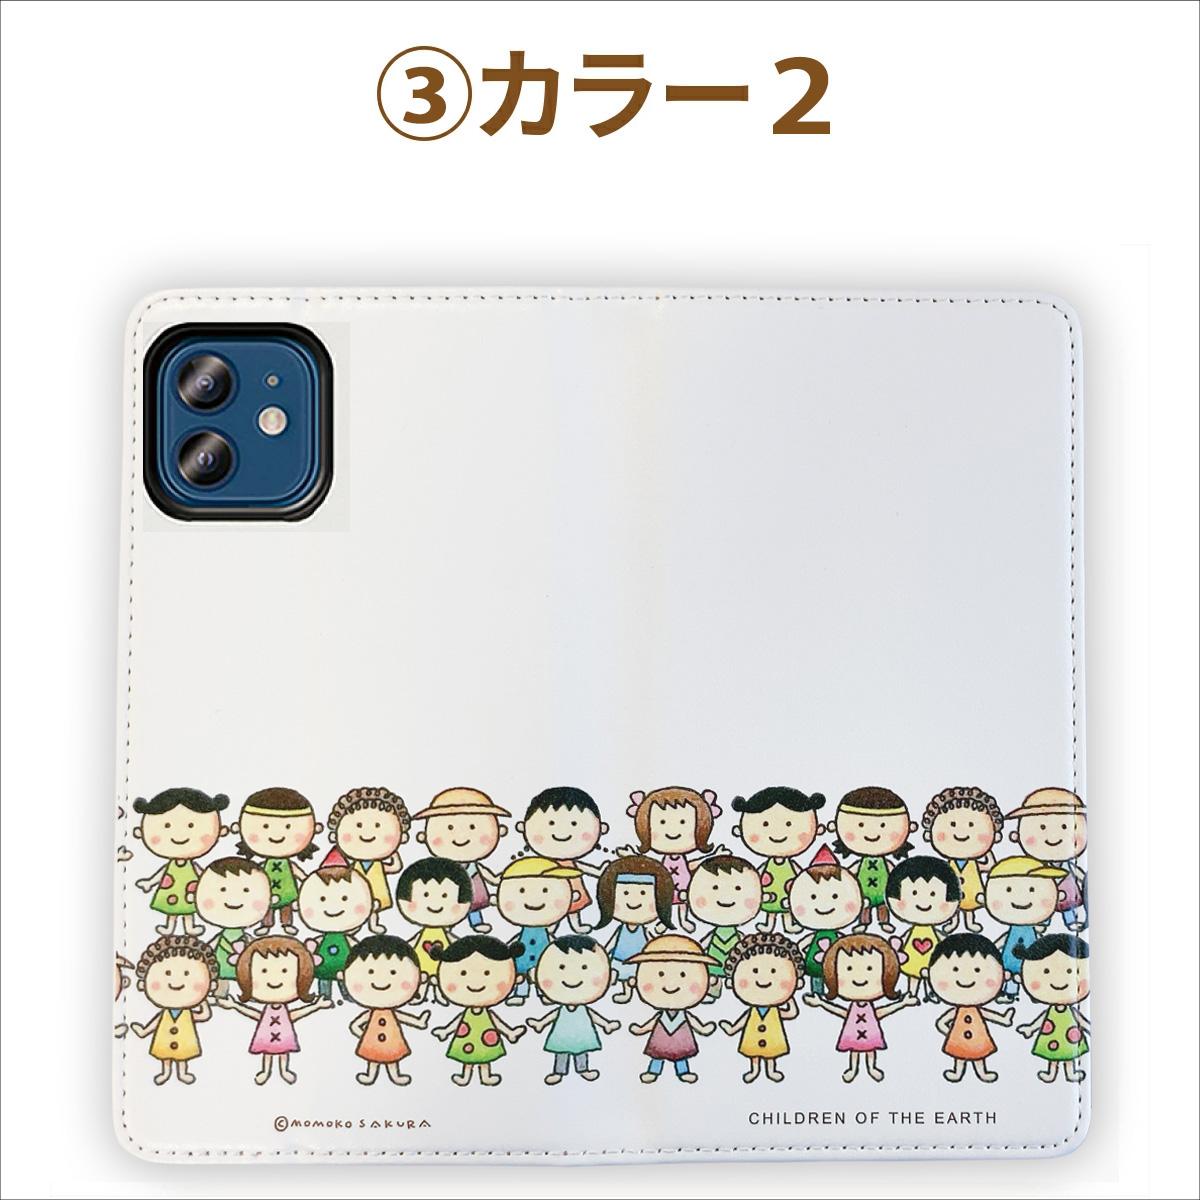 さくらももこ 地球の子供たち Google Pixel 5 4a 5G 4 XL ケース 手帳型 Pixel4a Pixel4 XL ケース Pixel3a 手帳型カバー Pixel3 手帳型ケース グーグル ピクセル スマホケース ベルト無し ブック型ケース 財布型